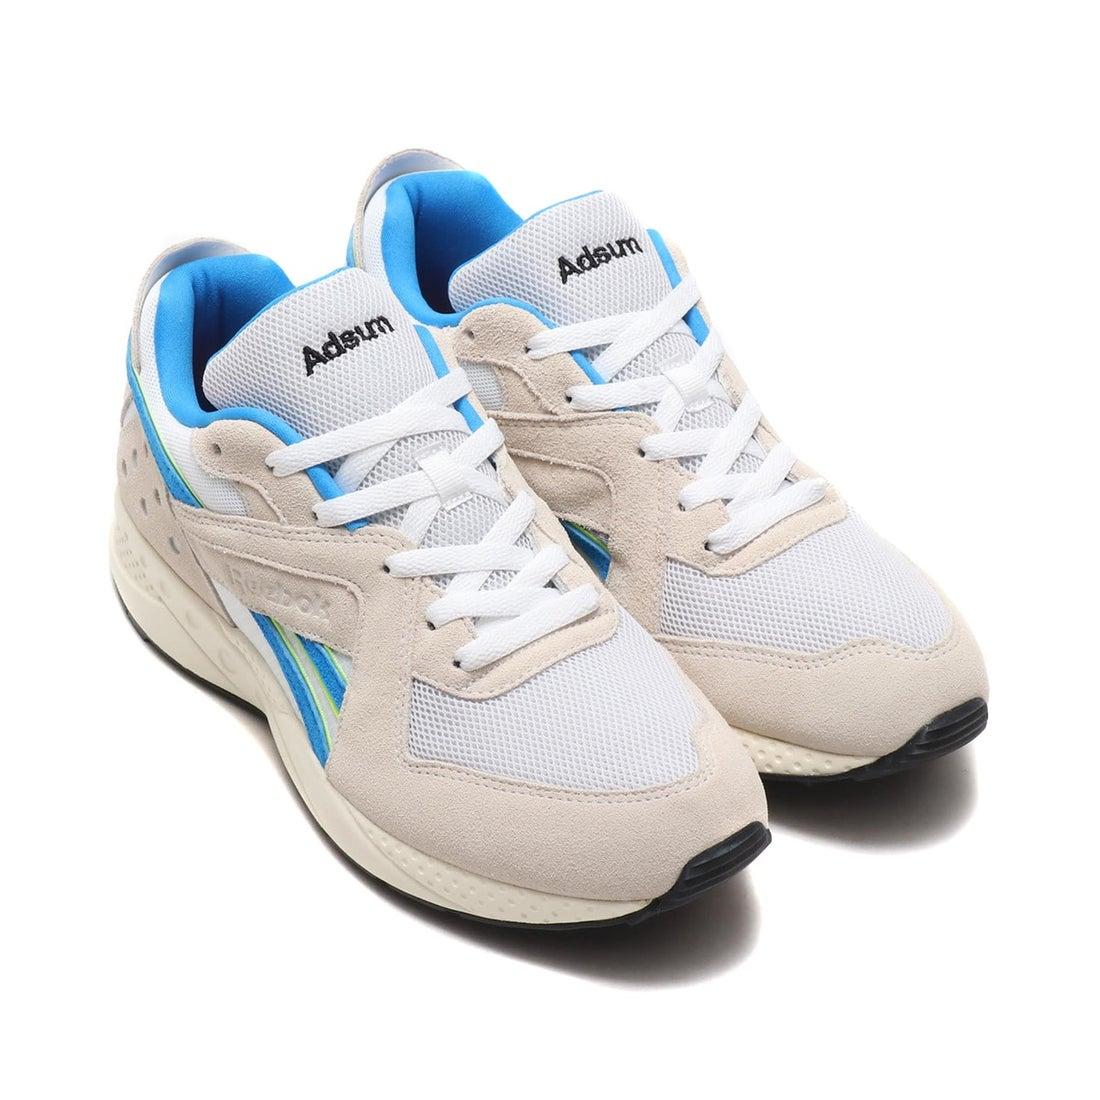 ロコンド 靴とファッションの通販サイトリーボック REEBOK Reebok PYRO ADSUM (WHITE)